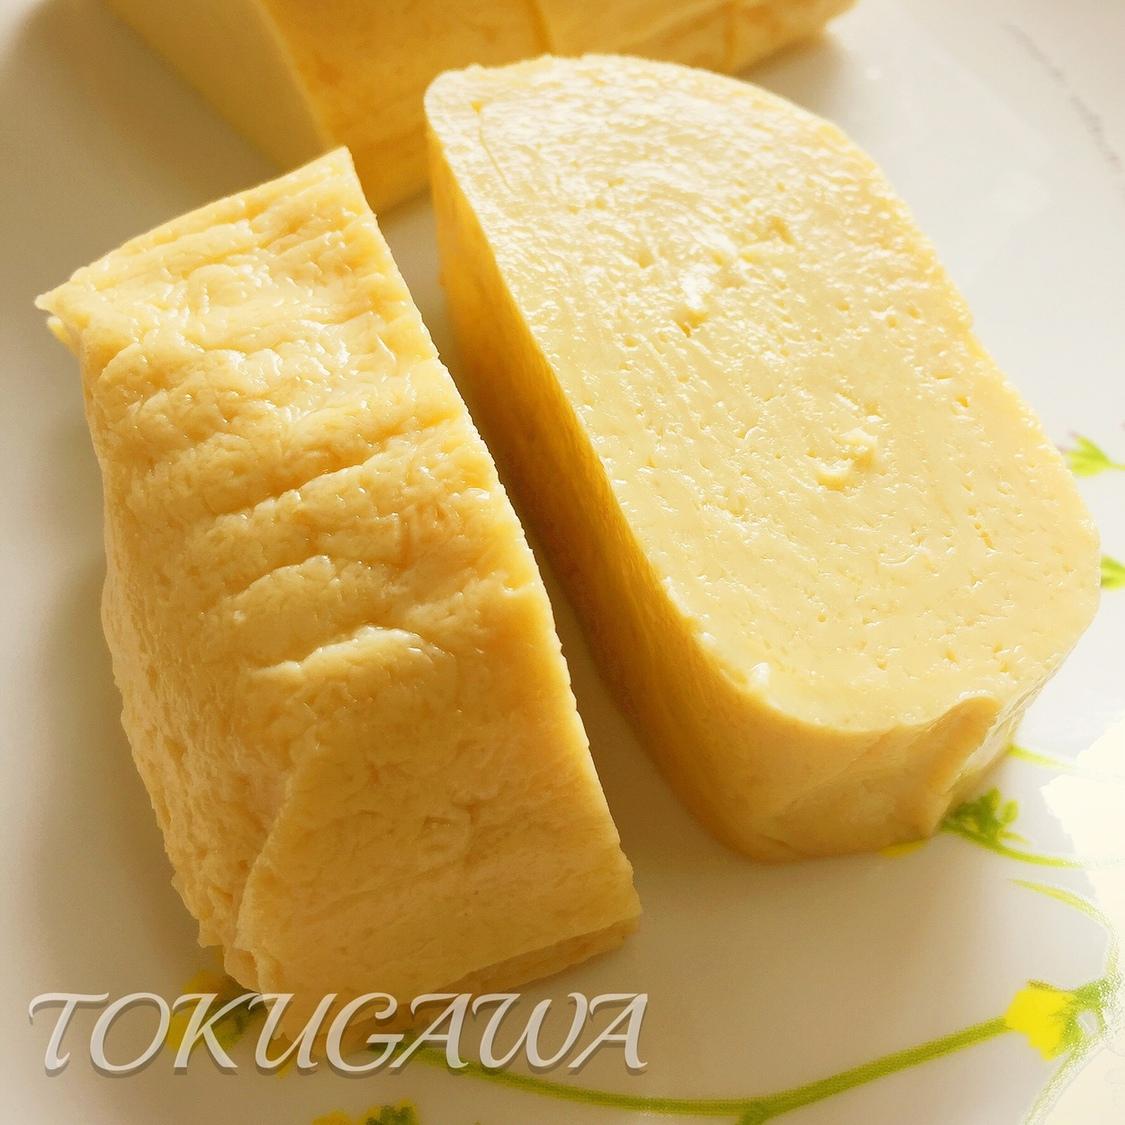 懐石料理 青山 東京ソラマチ店